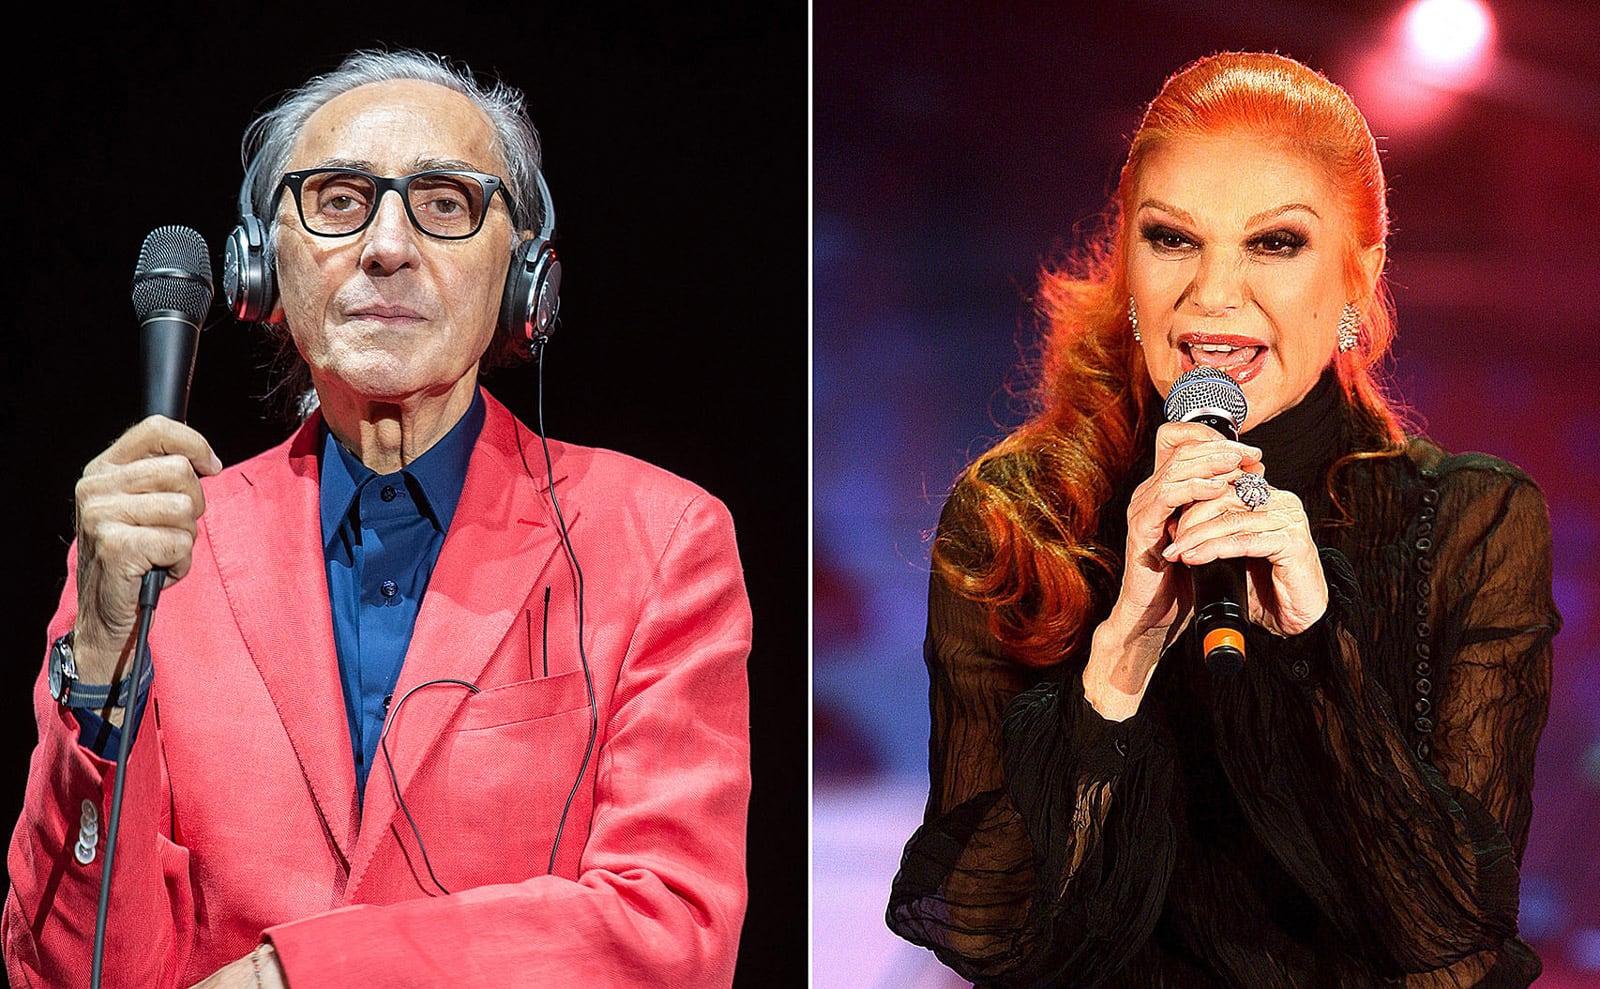 Franco Battiato en un concert a Milà, el 2016 i Milva a Sanremo, el 2007. Fotografies d'Elena Di Vicenzo. Zuma Press i Claudio Onorati. Efe.